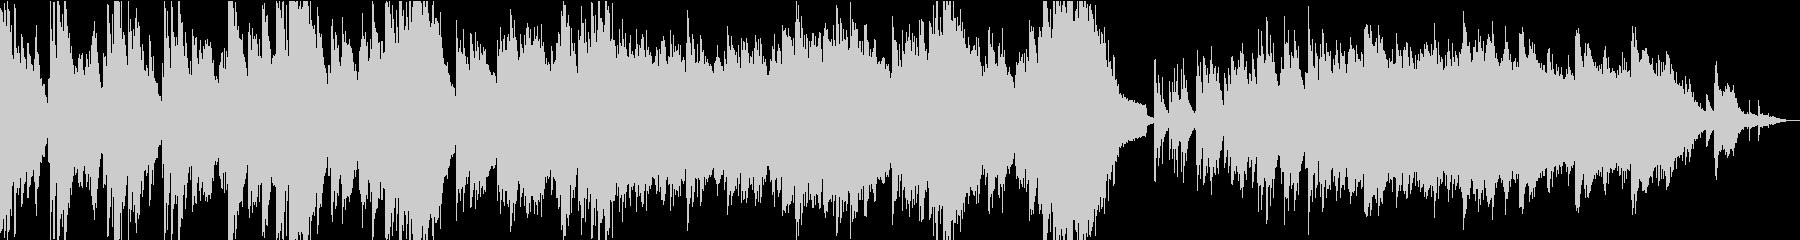 メランコリーなピアノソロ、アレンジ曲の未再生の波形